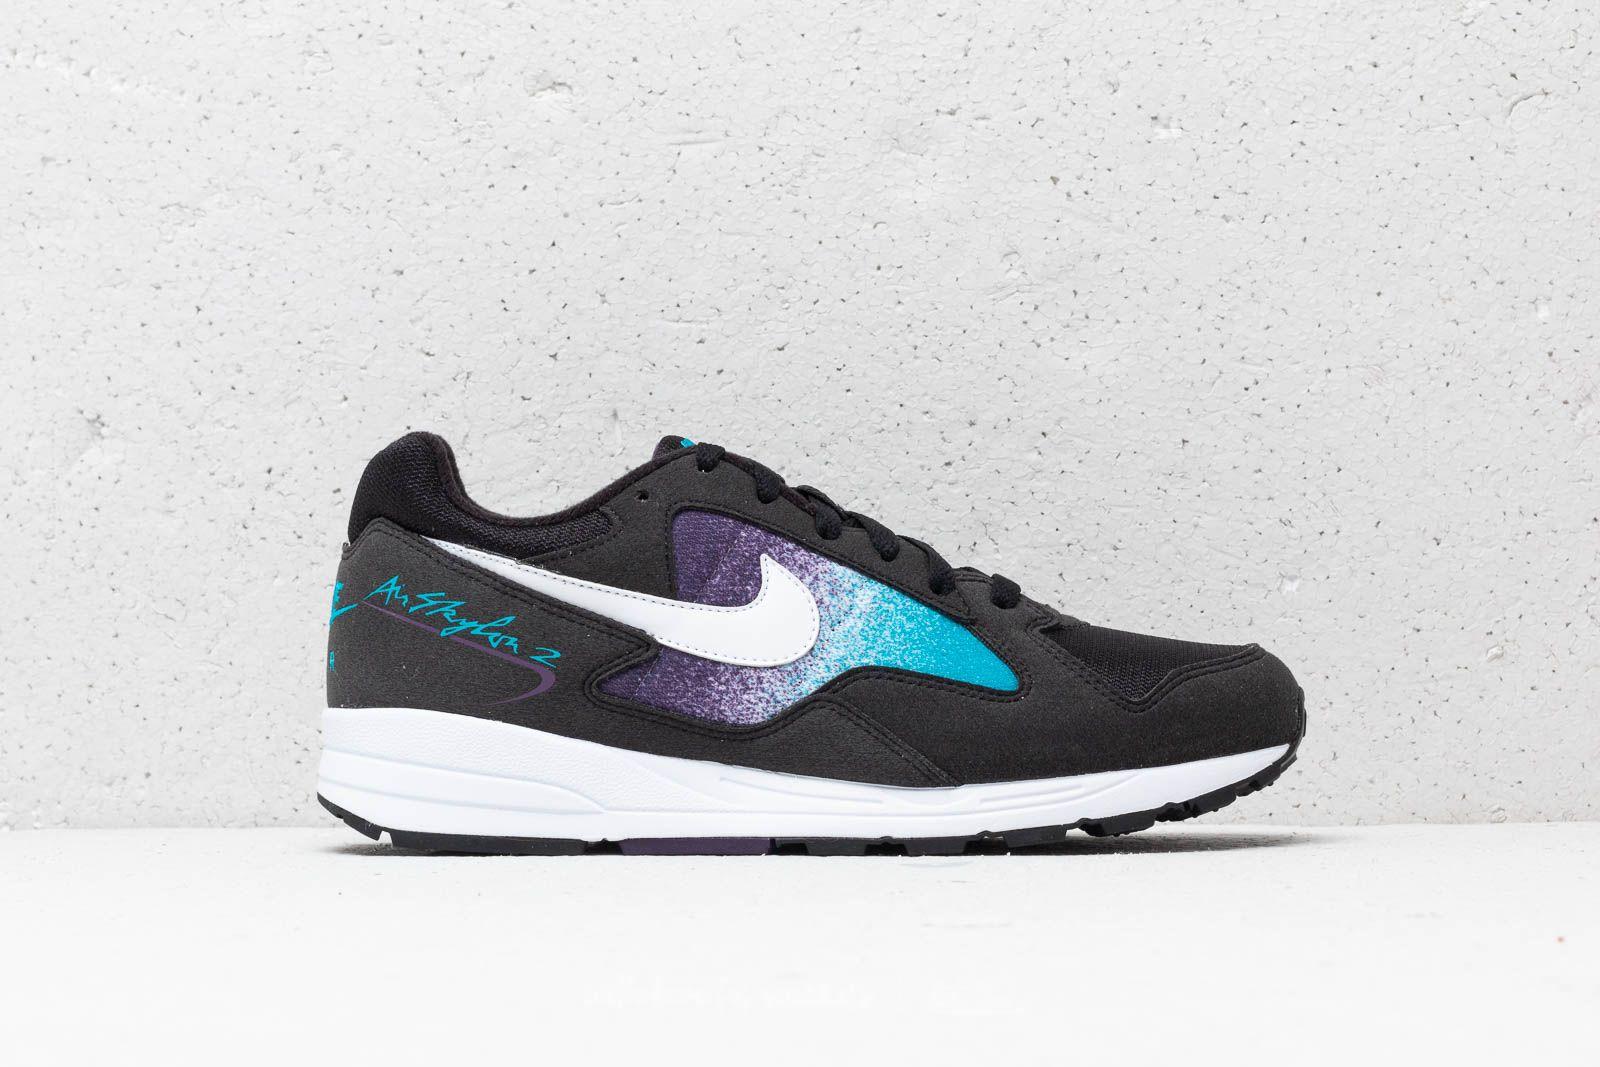 sneakers for cheap 26c9a 97814 Nike Air Skylon II Black White-Blue Lagoon W super cenie 456 zł kupuj